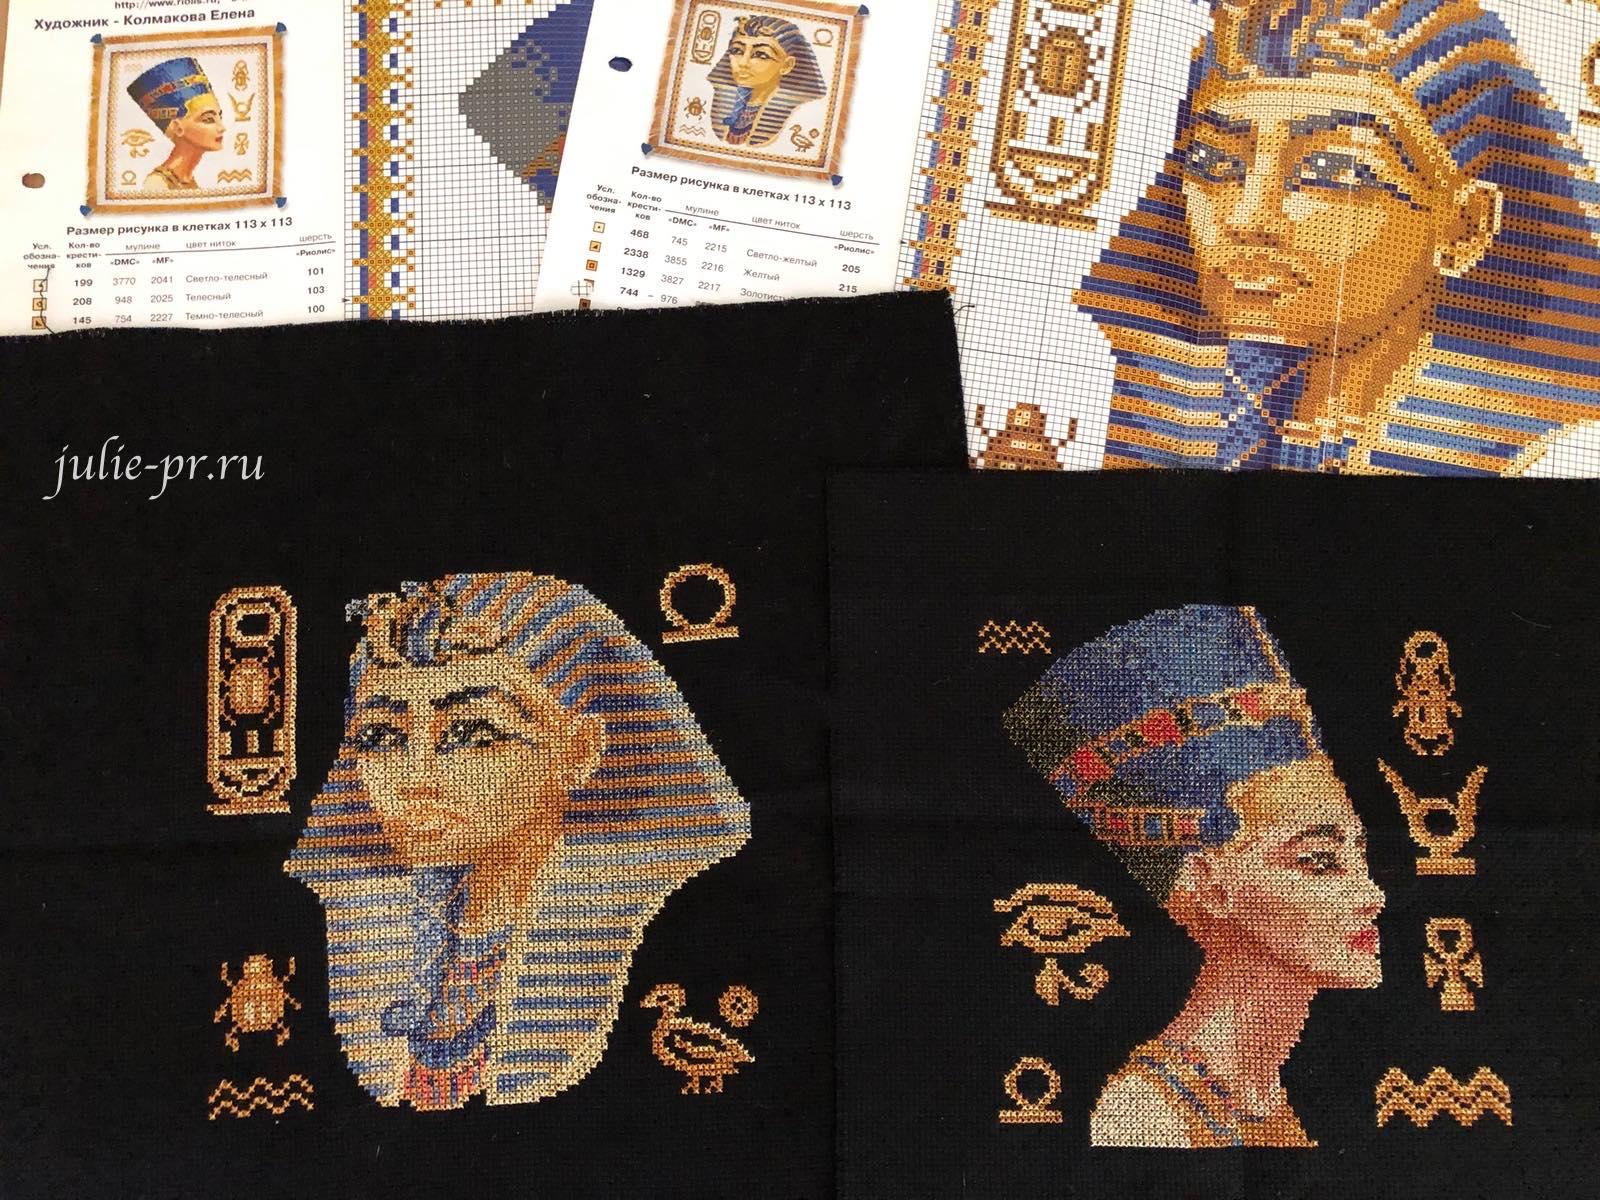 Риолис, Фараон, Нефертити, Египет, вышивка крестом